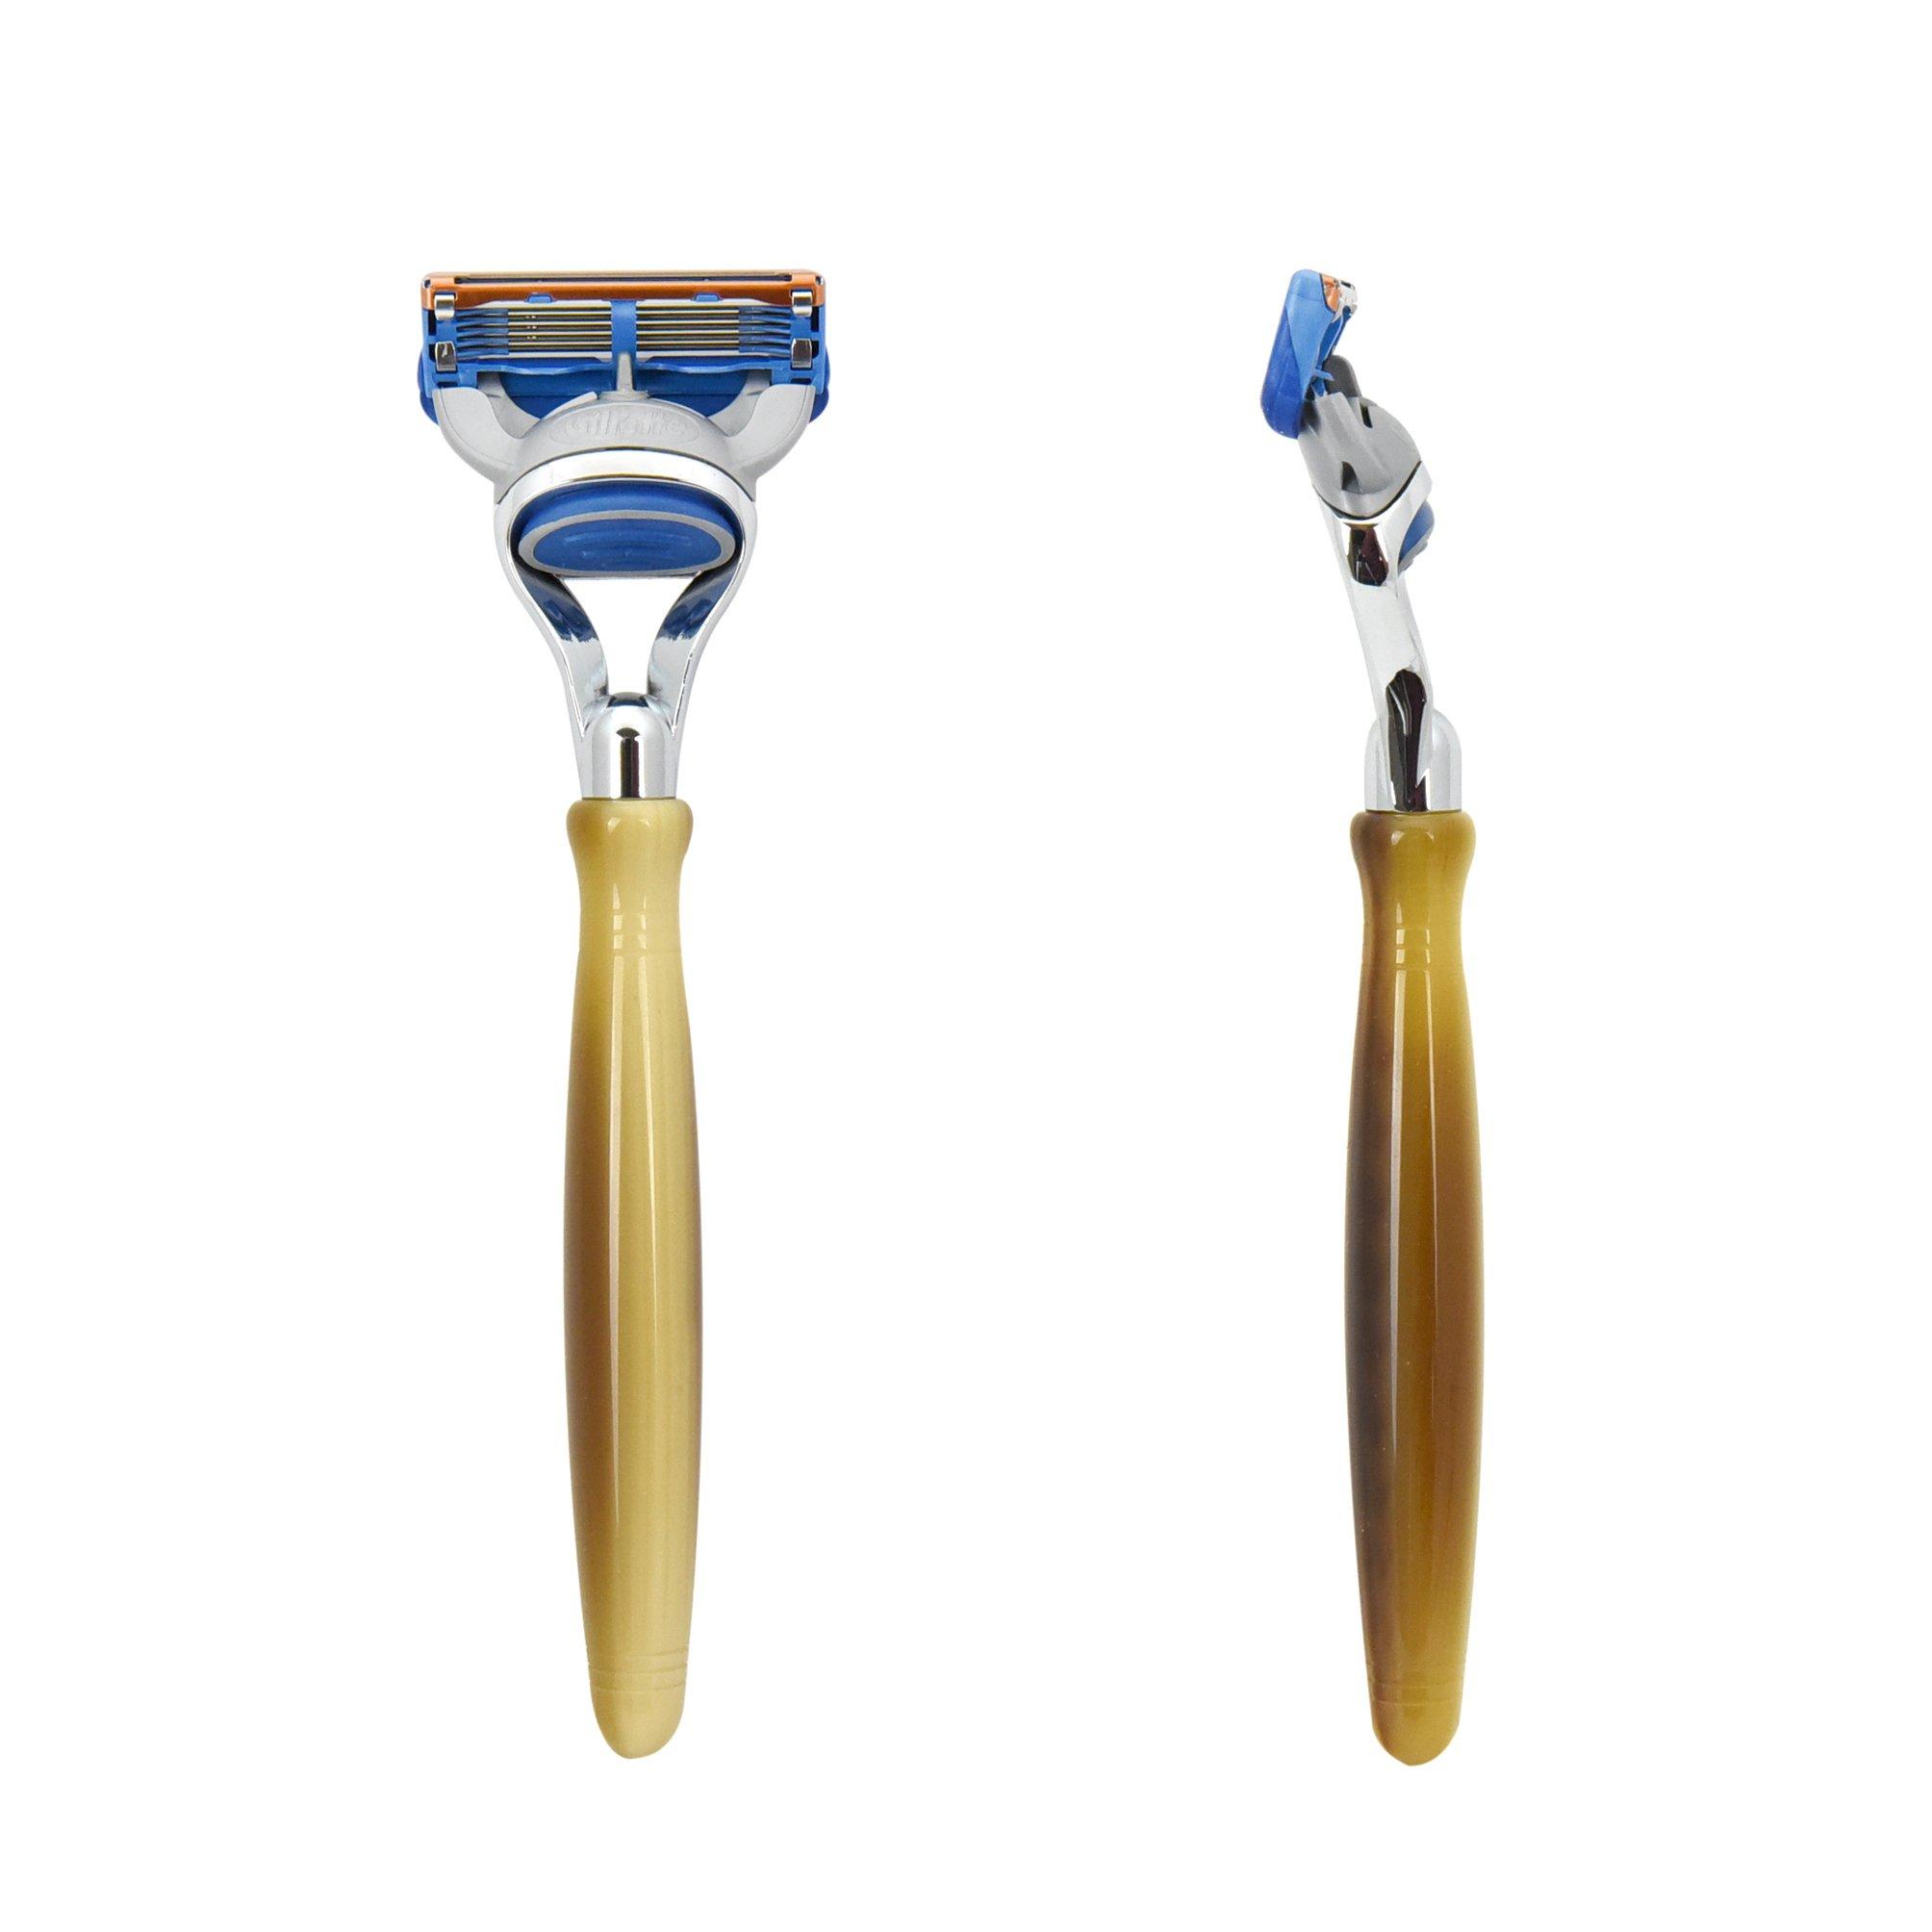 Horn Fusion Shaving Razor Handle by Boss Razors